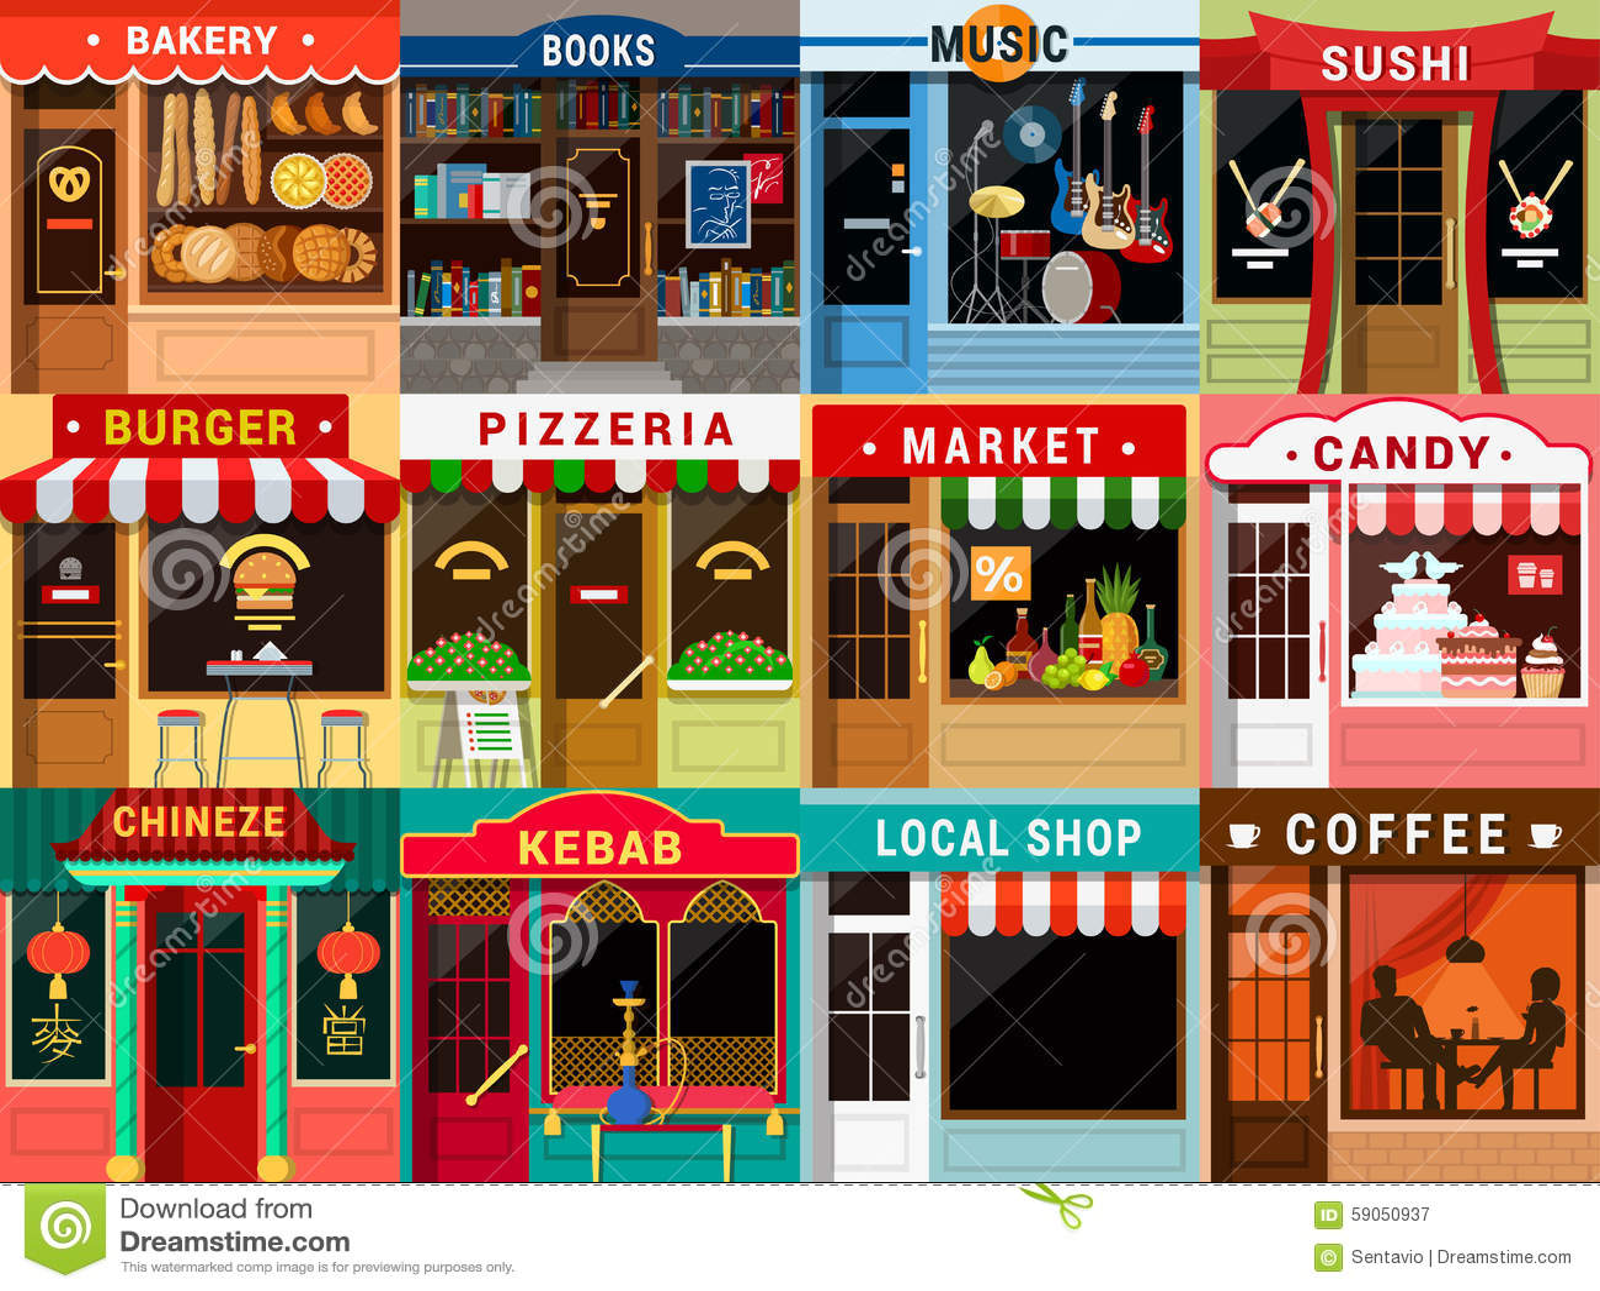 Flat Restaurant Cafe Shop Exterior Kebab Coffee Bakery Pizzeria Illustration 59050937 Megapixl